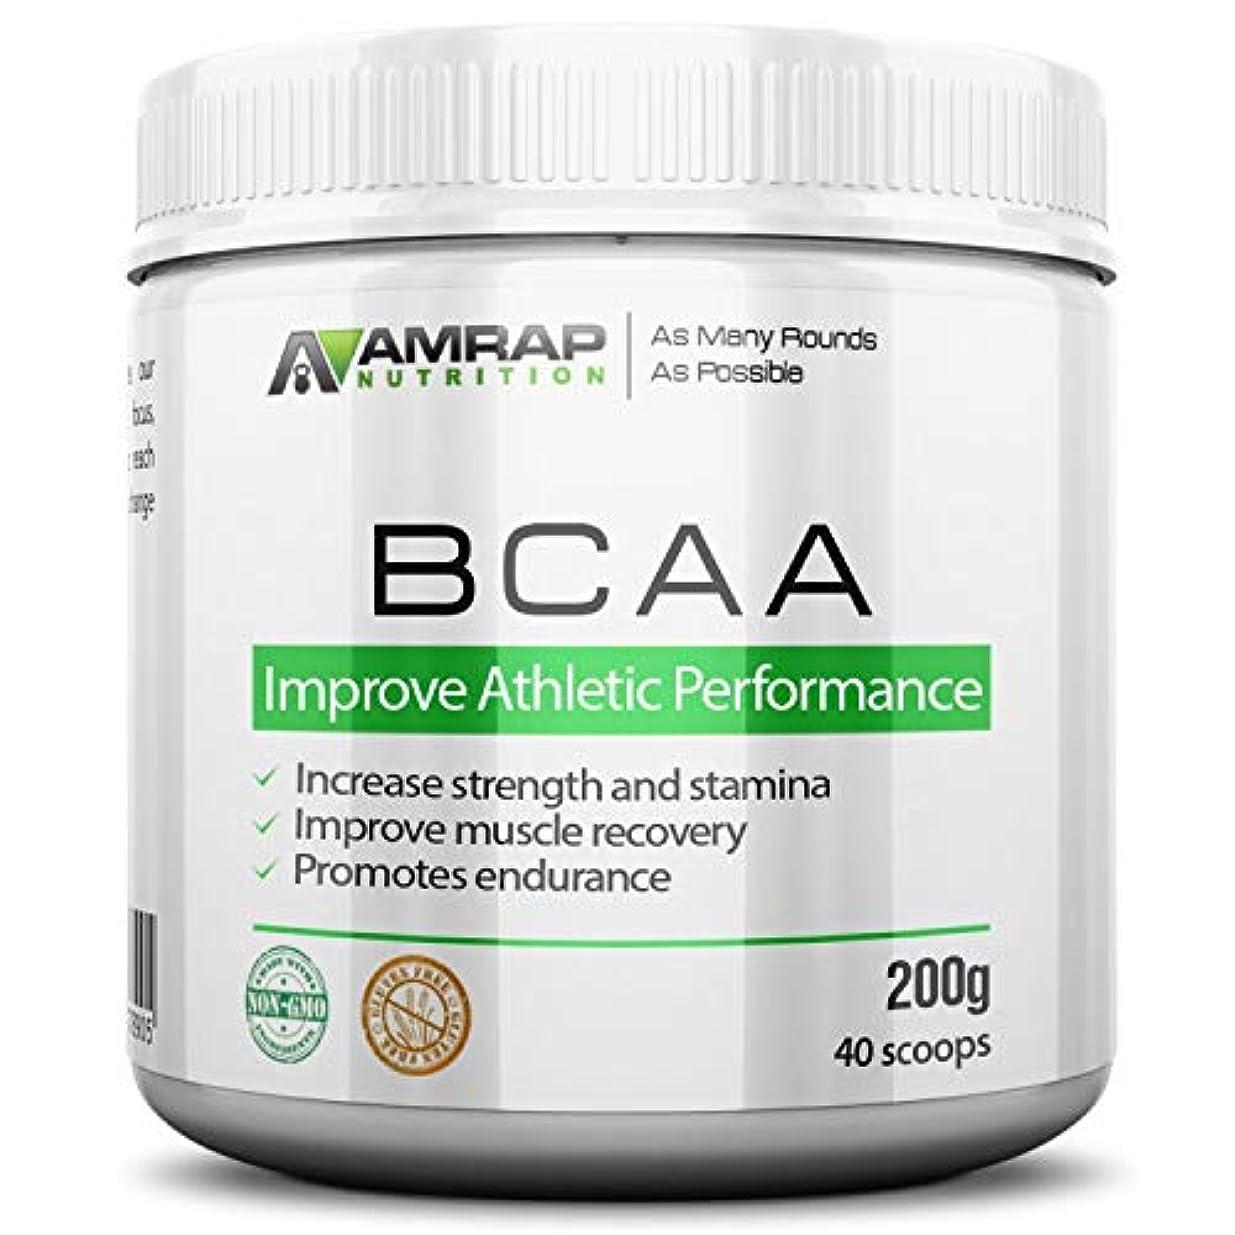 税金それぞれ魔術師Pure BCAA Powder | AMRAP Nutrition - Branched Chain Amino Acid Recovery Powder by AMRAP Nutrition